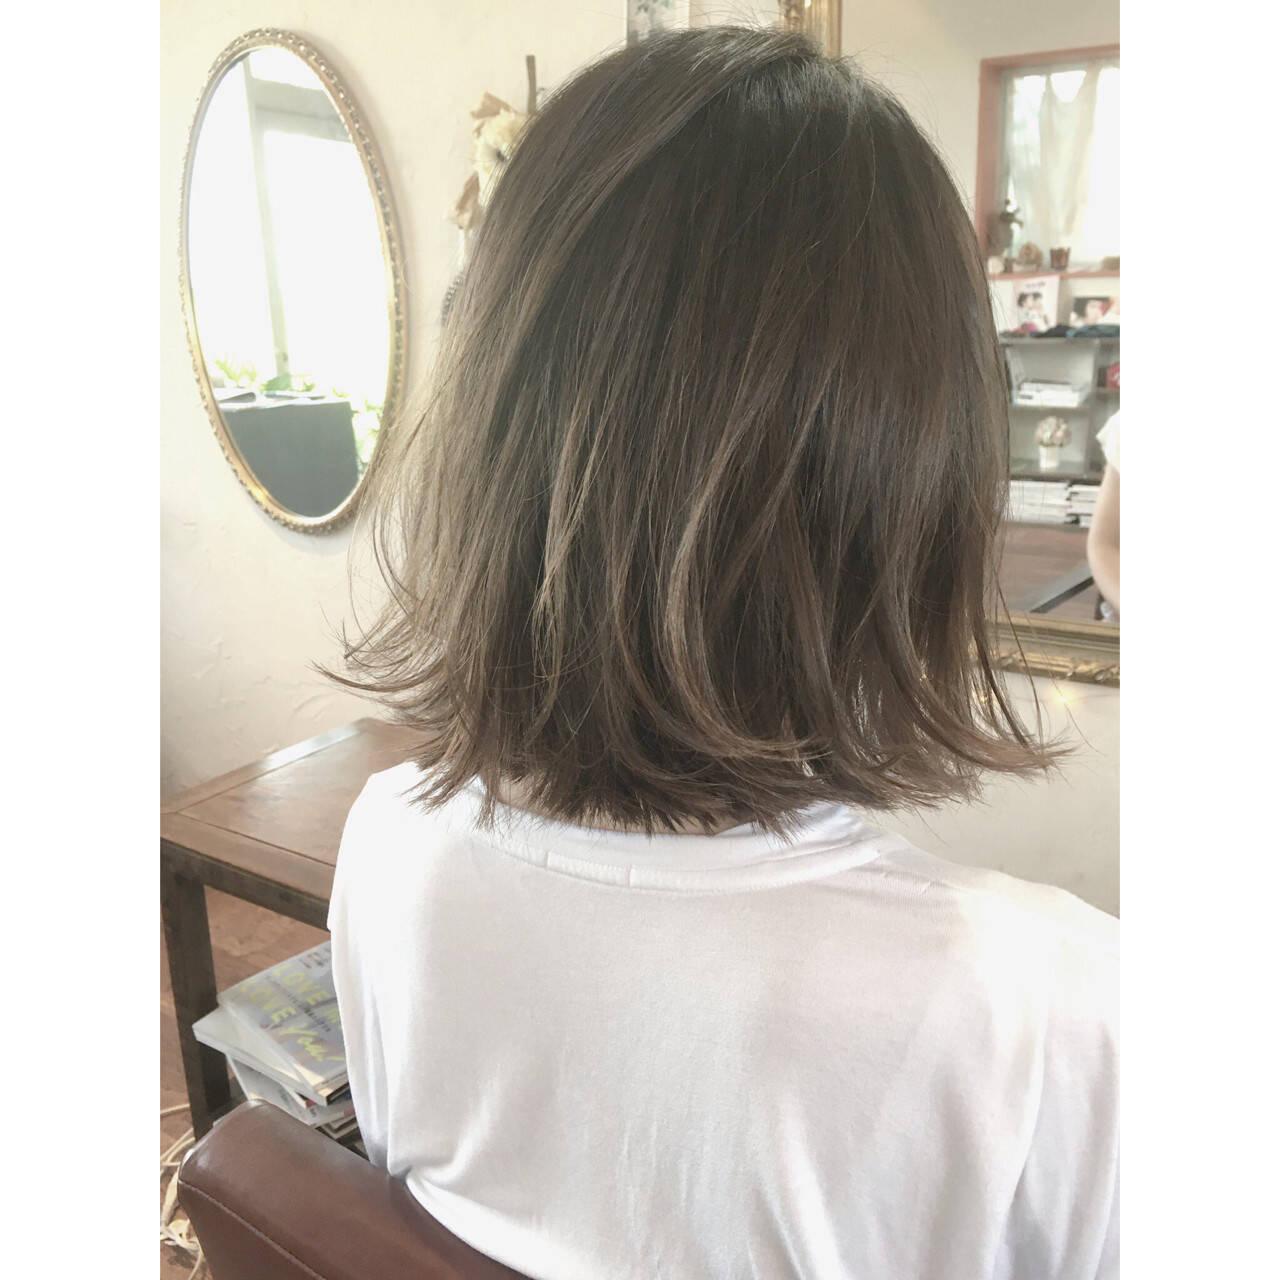 グレージュ ボブ ストリート グラデーションカラーヘアスタイルや髪型の写真・画像